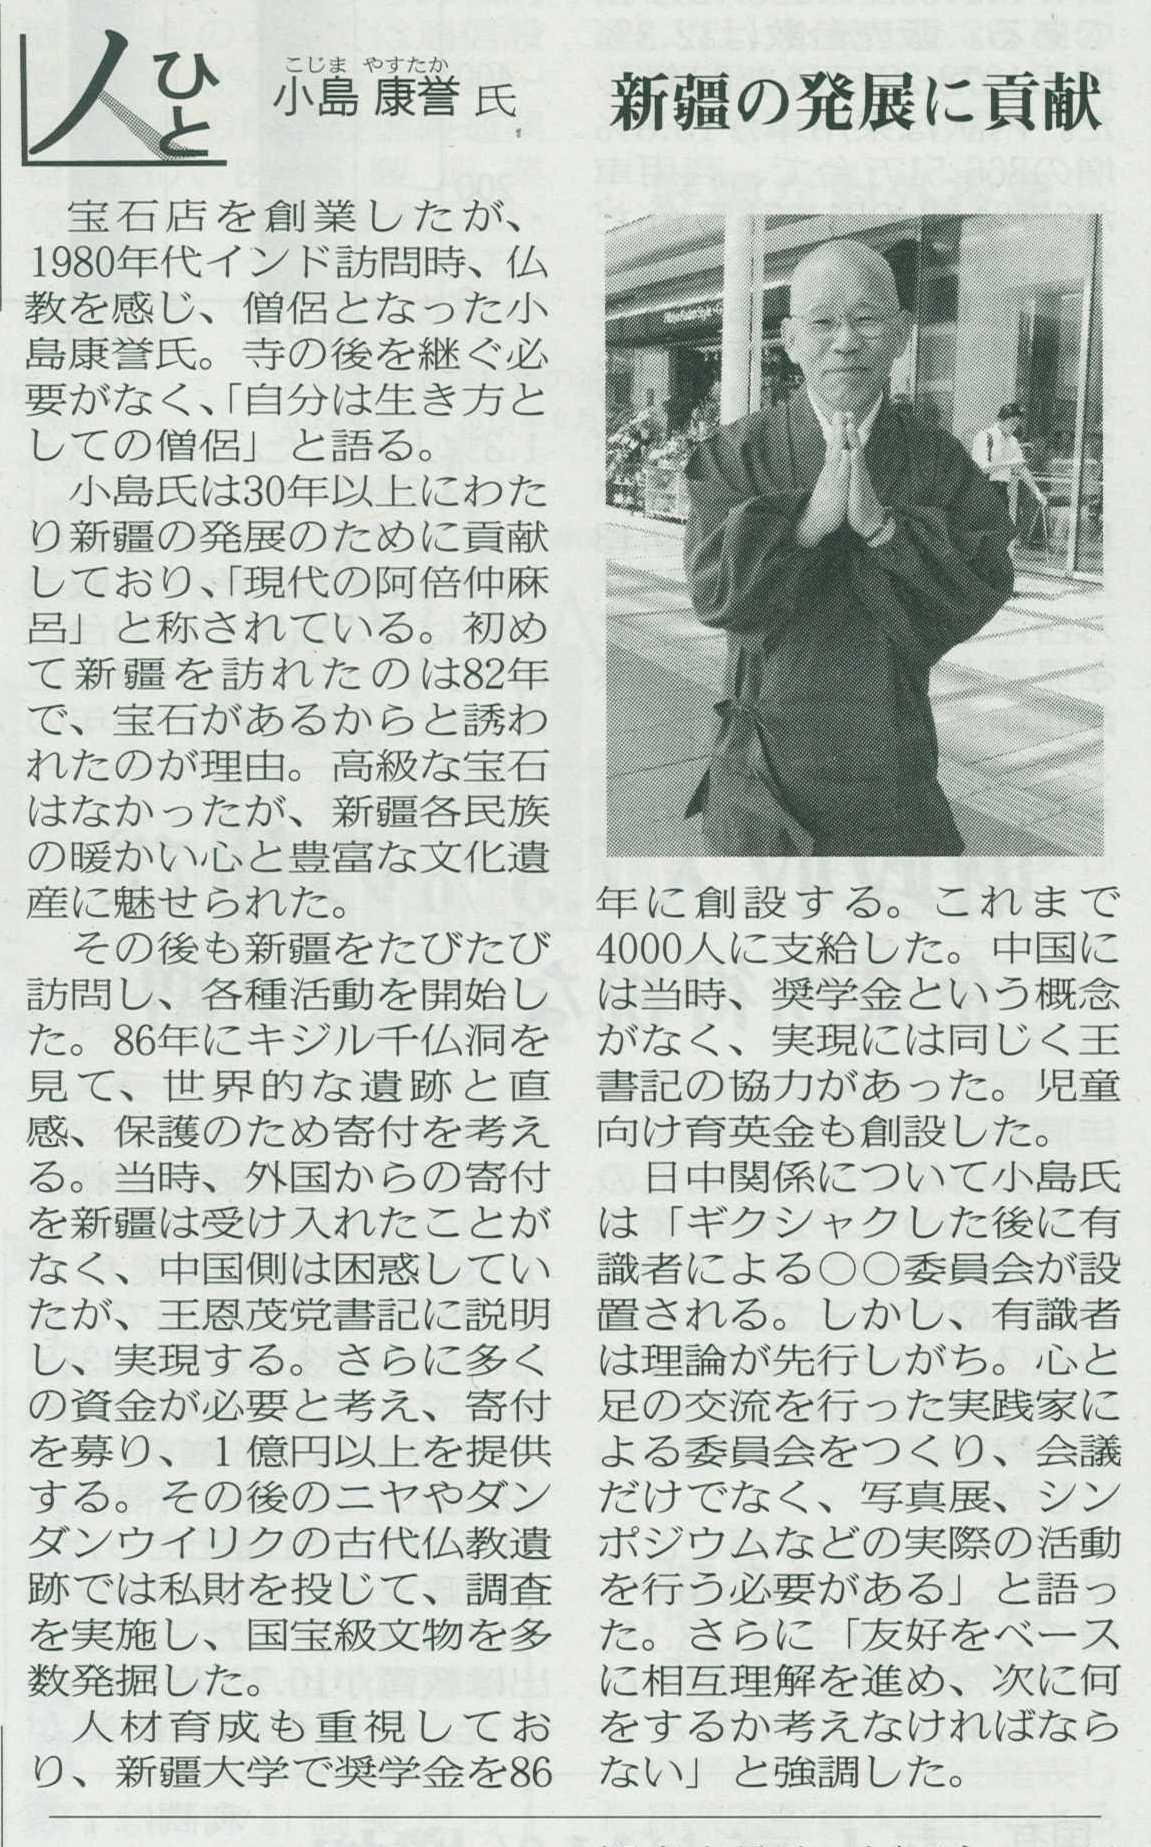 国際貿易新聞、『大きな愛に境界はない―小島精神と新疆30年』を紹介、小島氏に関する記事を掲載_d0027795_14524746.jpg